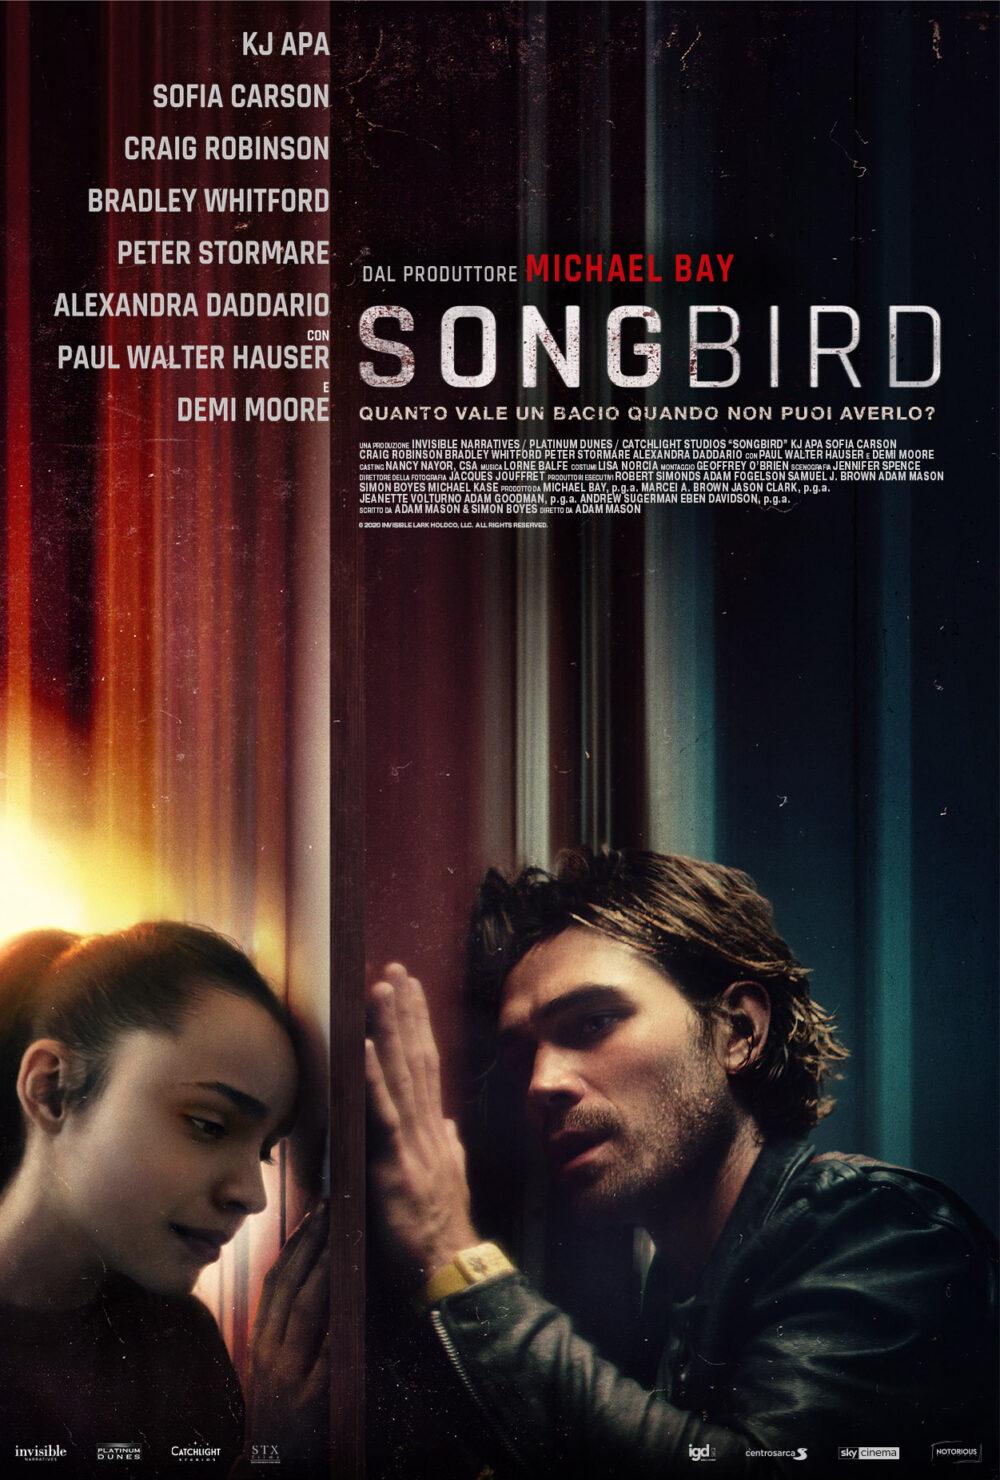 songbird-il-pandemic-thriller-romantico-arriva-al-cinema-a-giugno